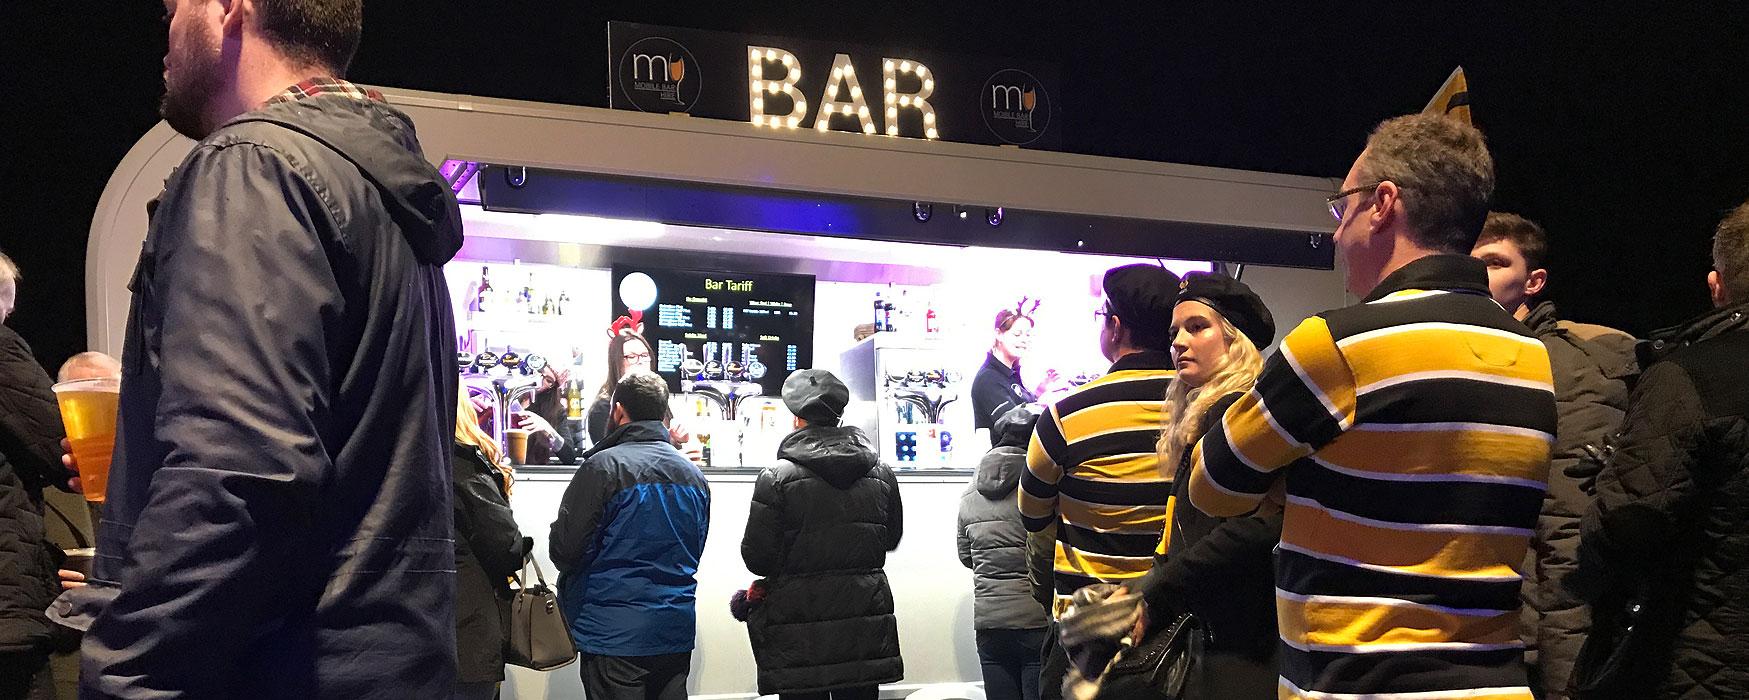 Temporary Event Bar Hire